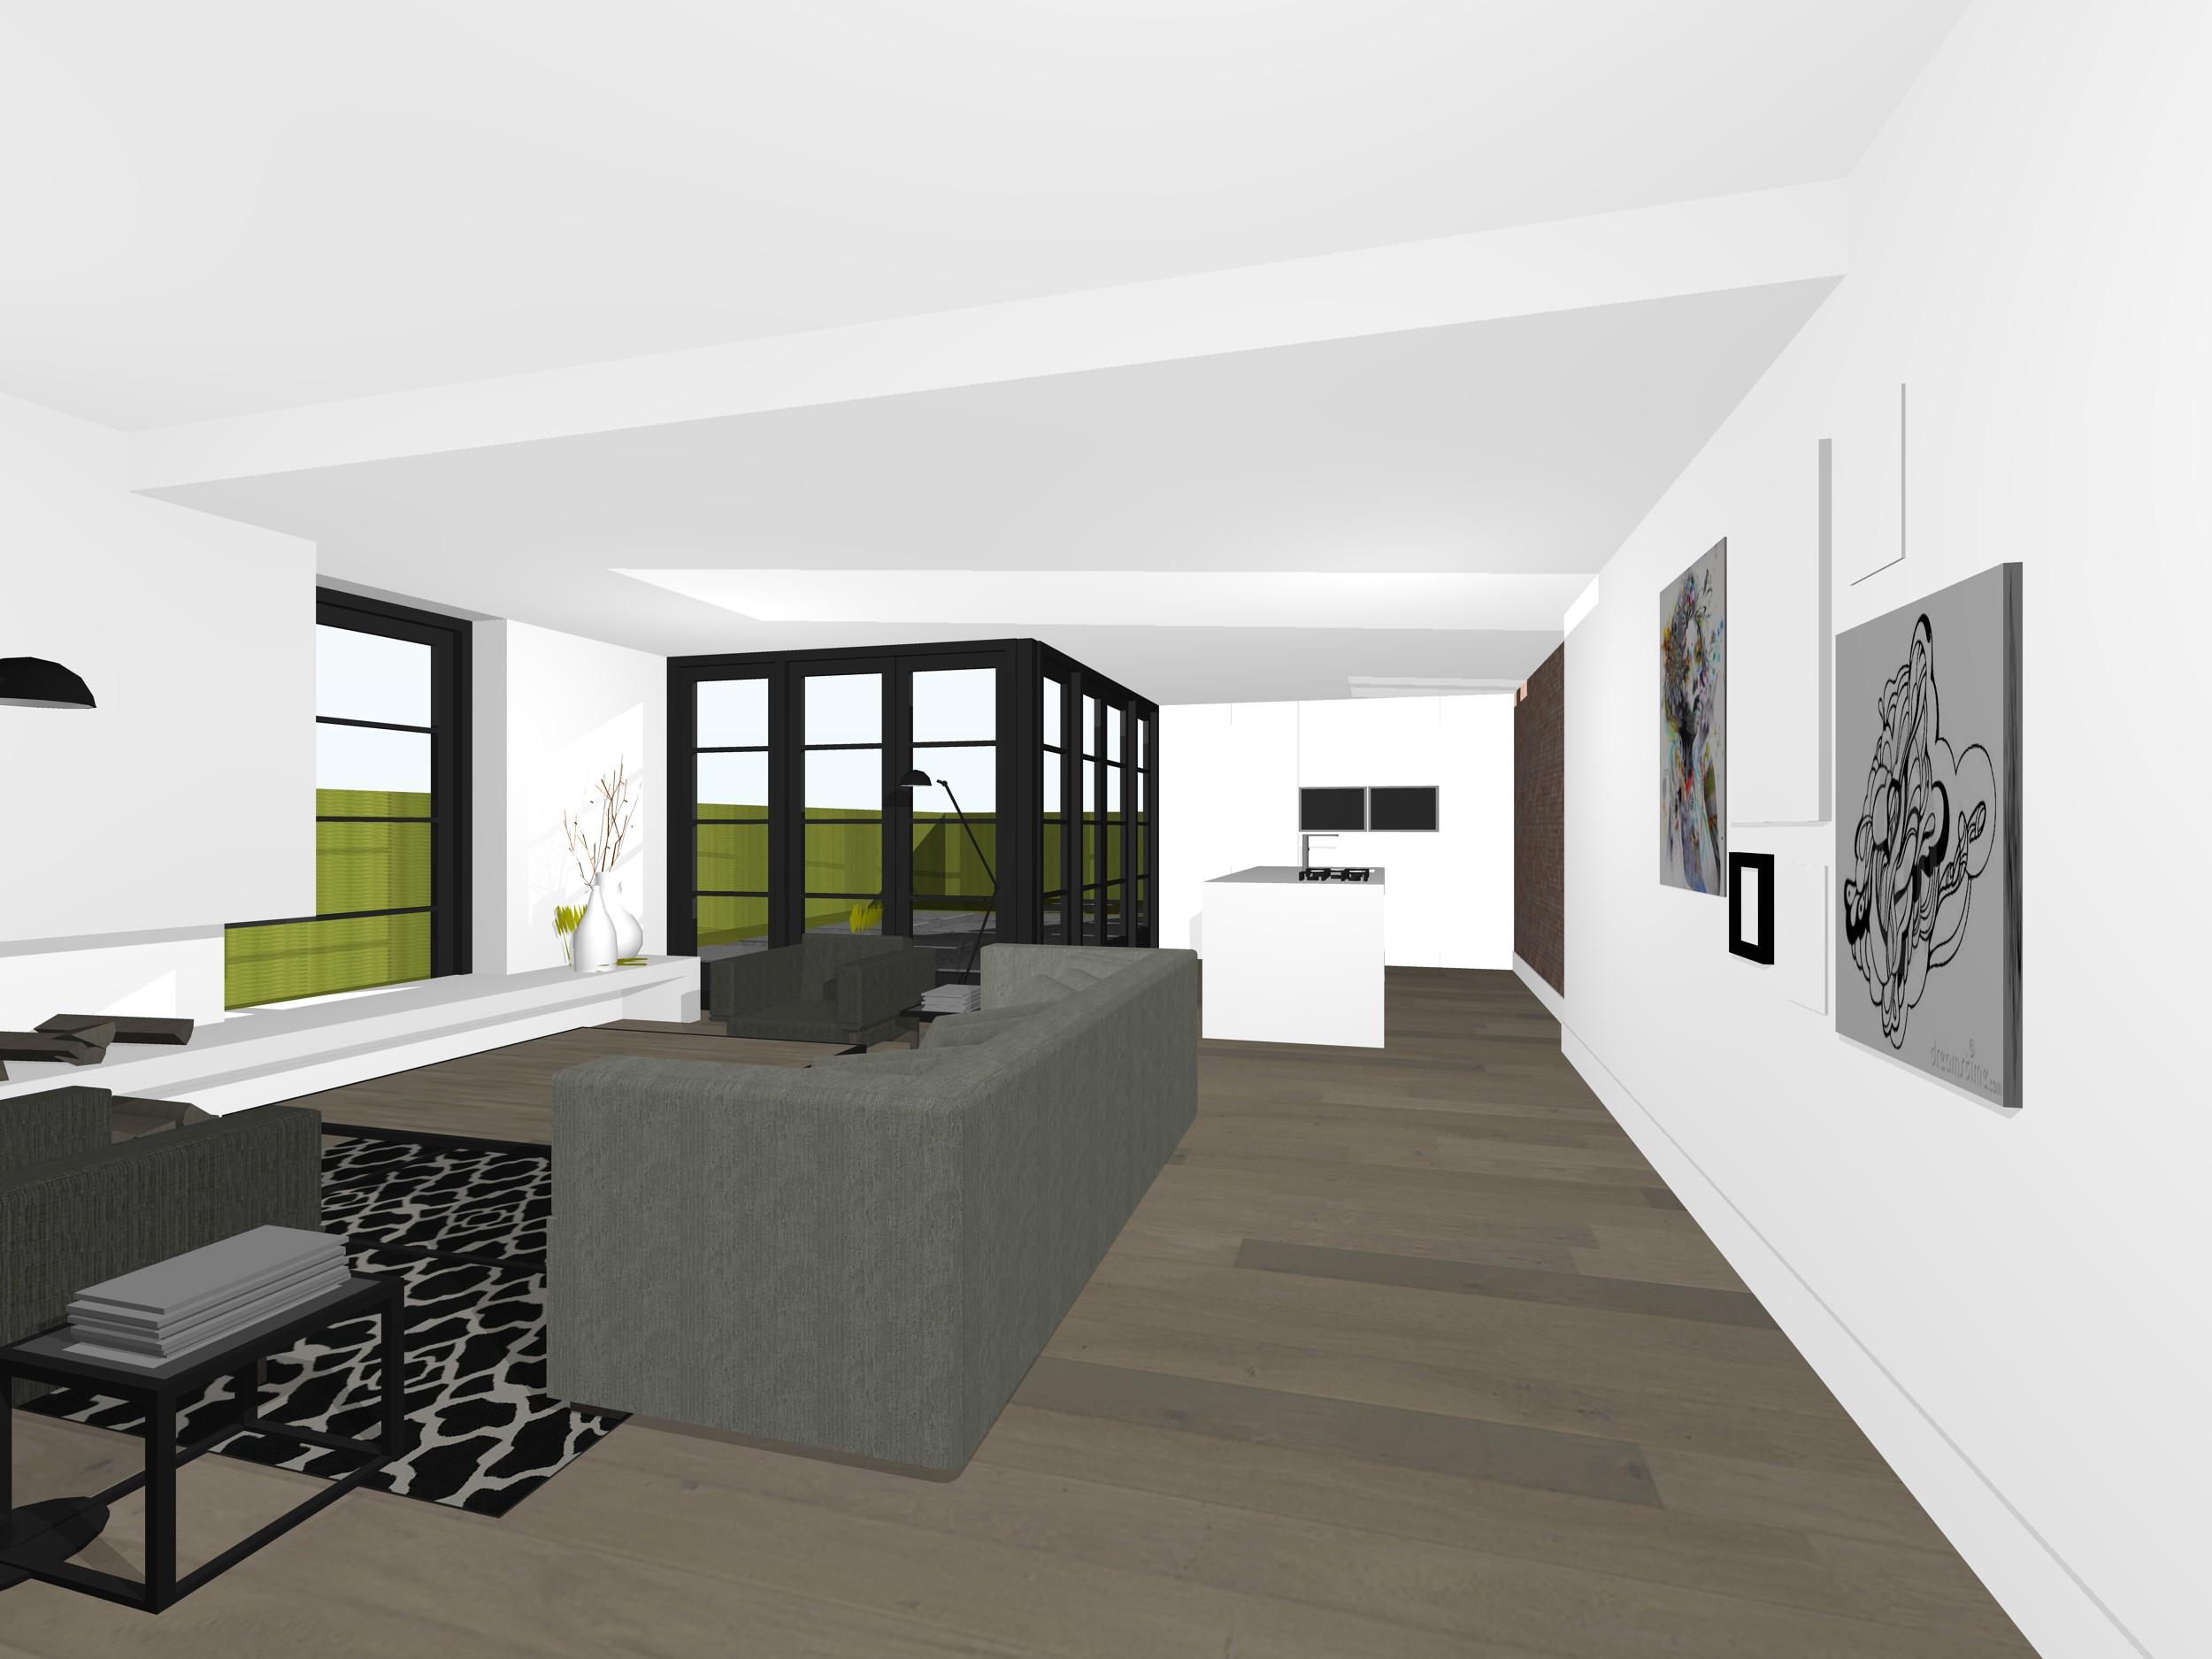 Portfolio studio72studio72 - Huis interieur architectuur ...